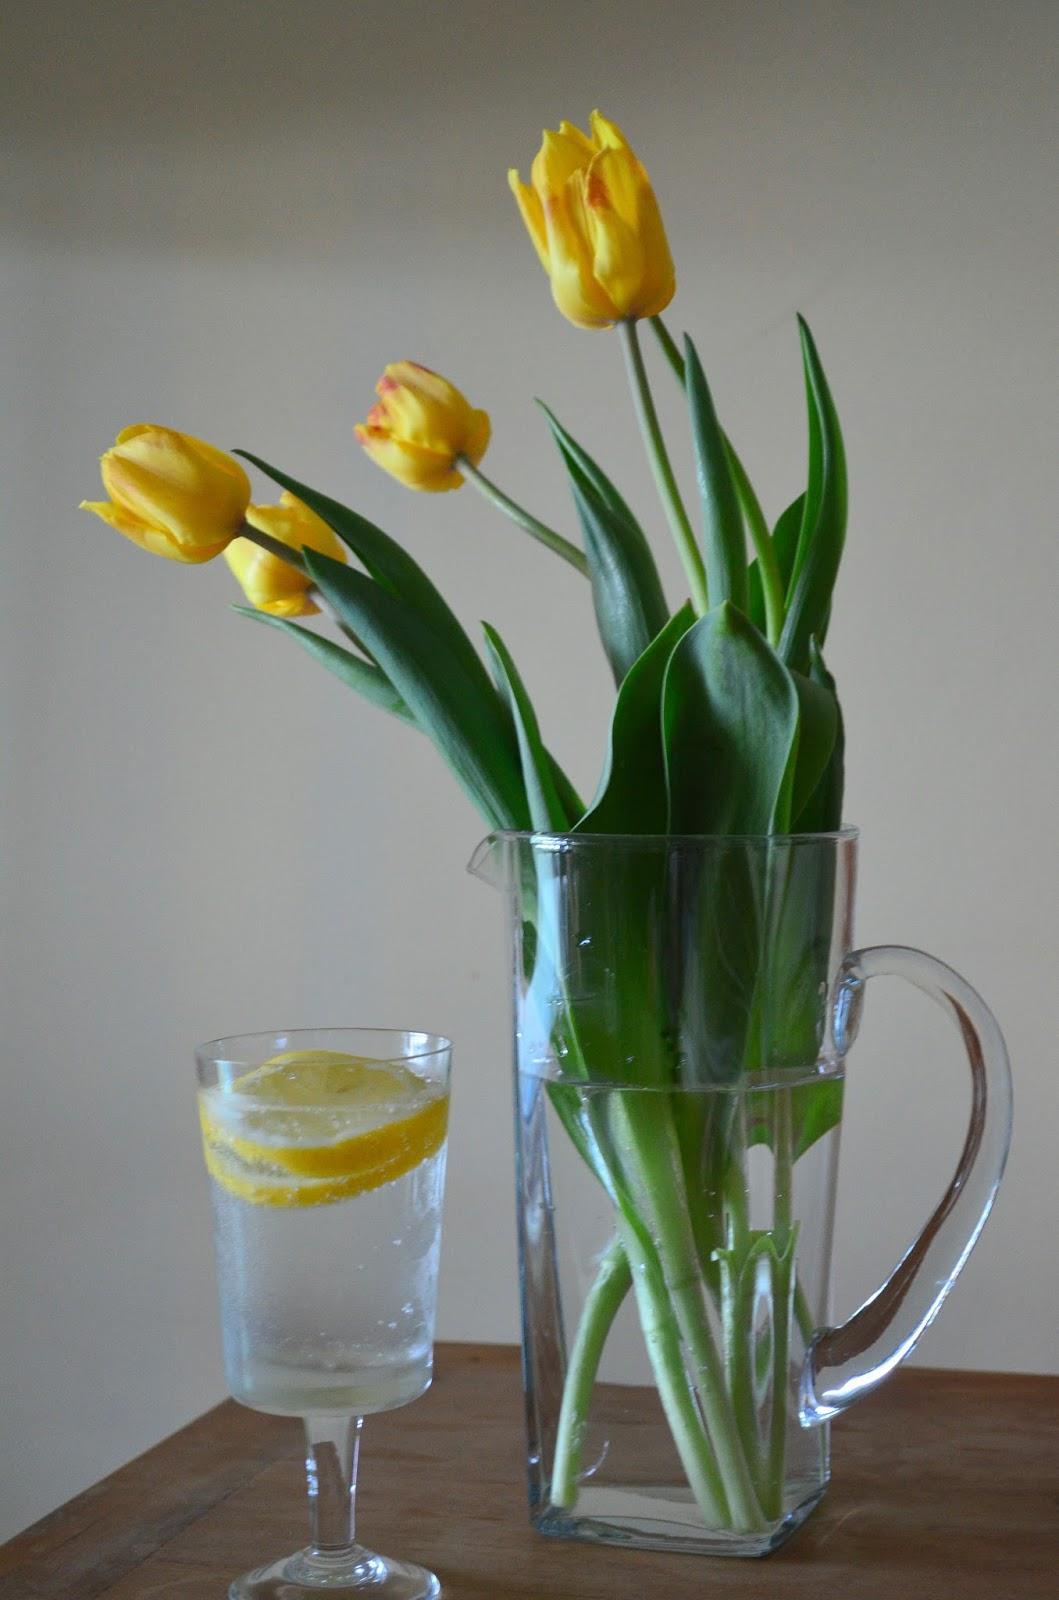 tulipas amarelas e limão siciliano